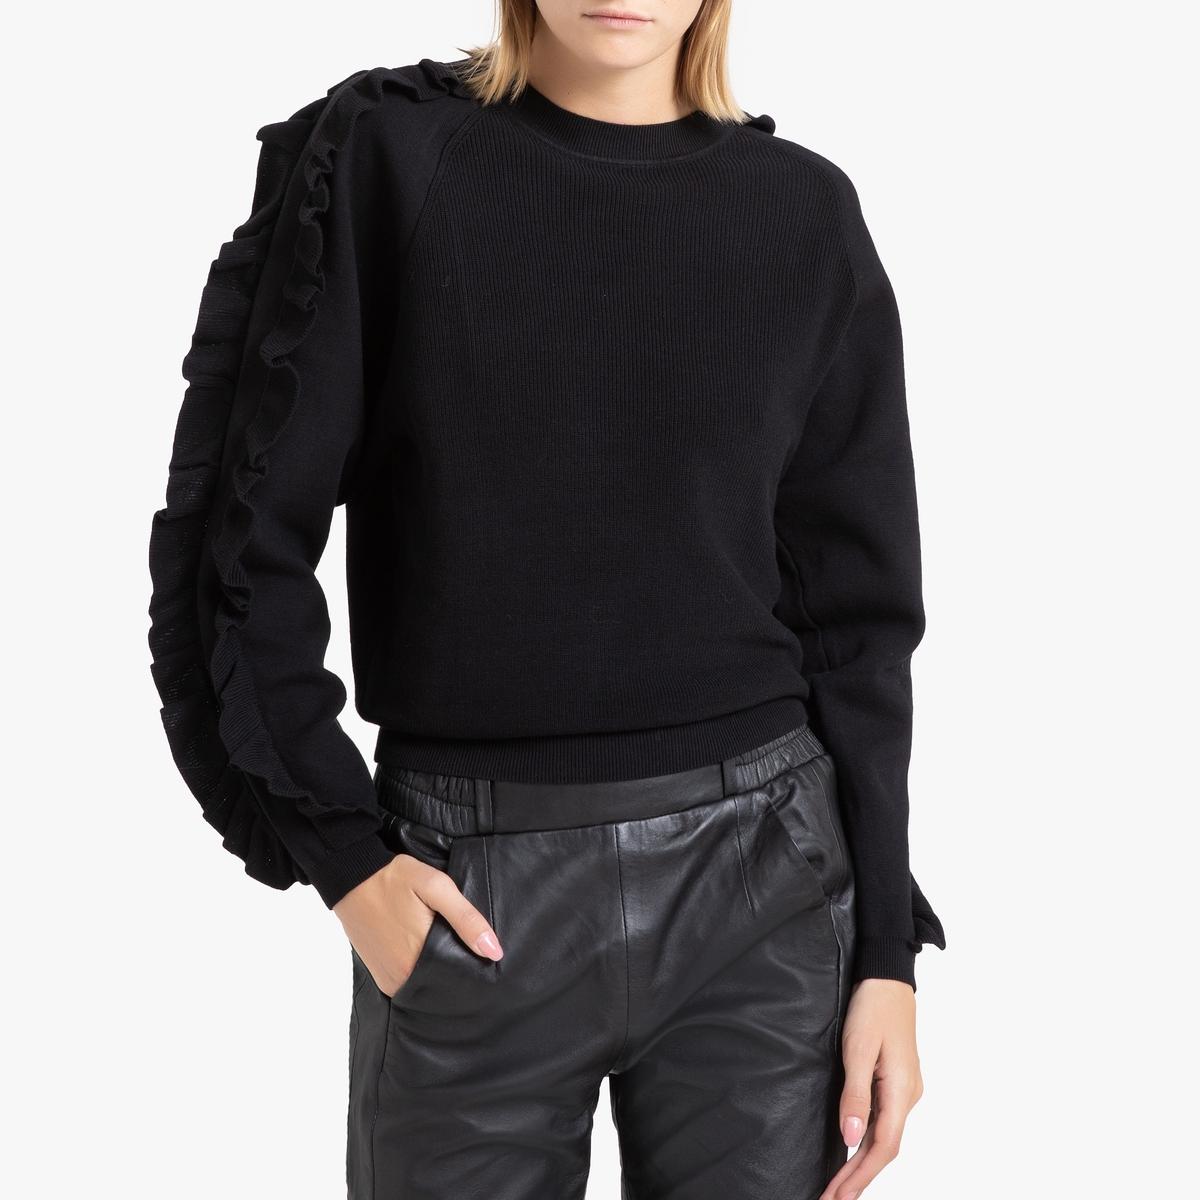 Пуловер La Redoute С круглым вырезом и воланами из тонкого трикотажа CIEL 0(XS) черный